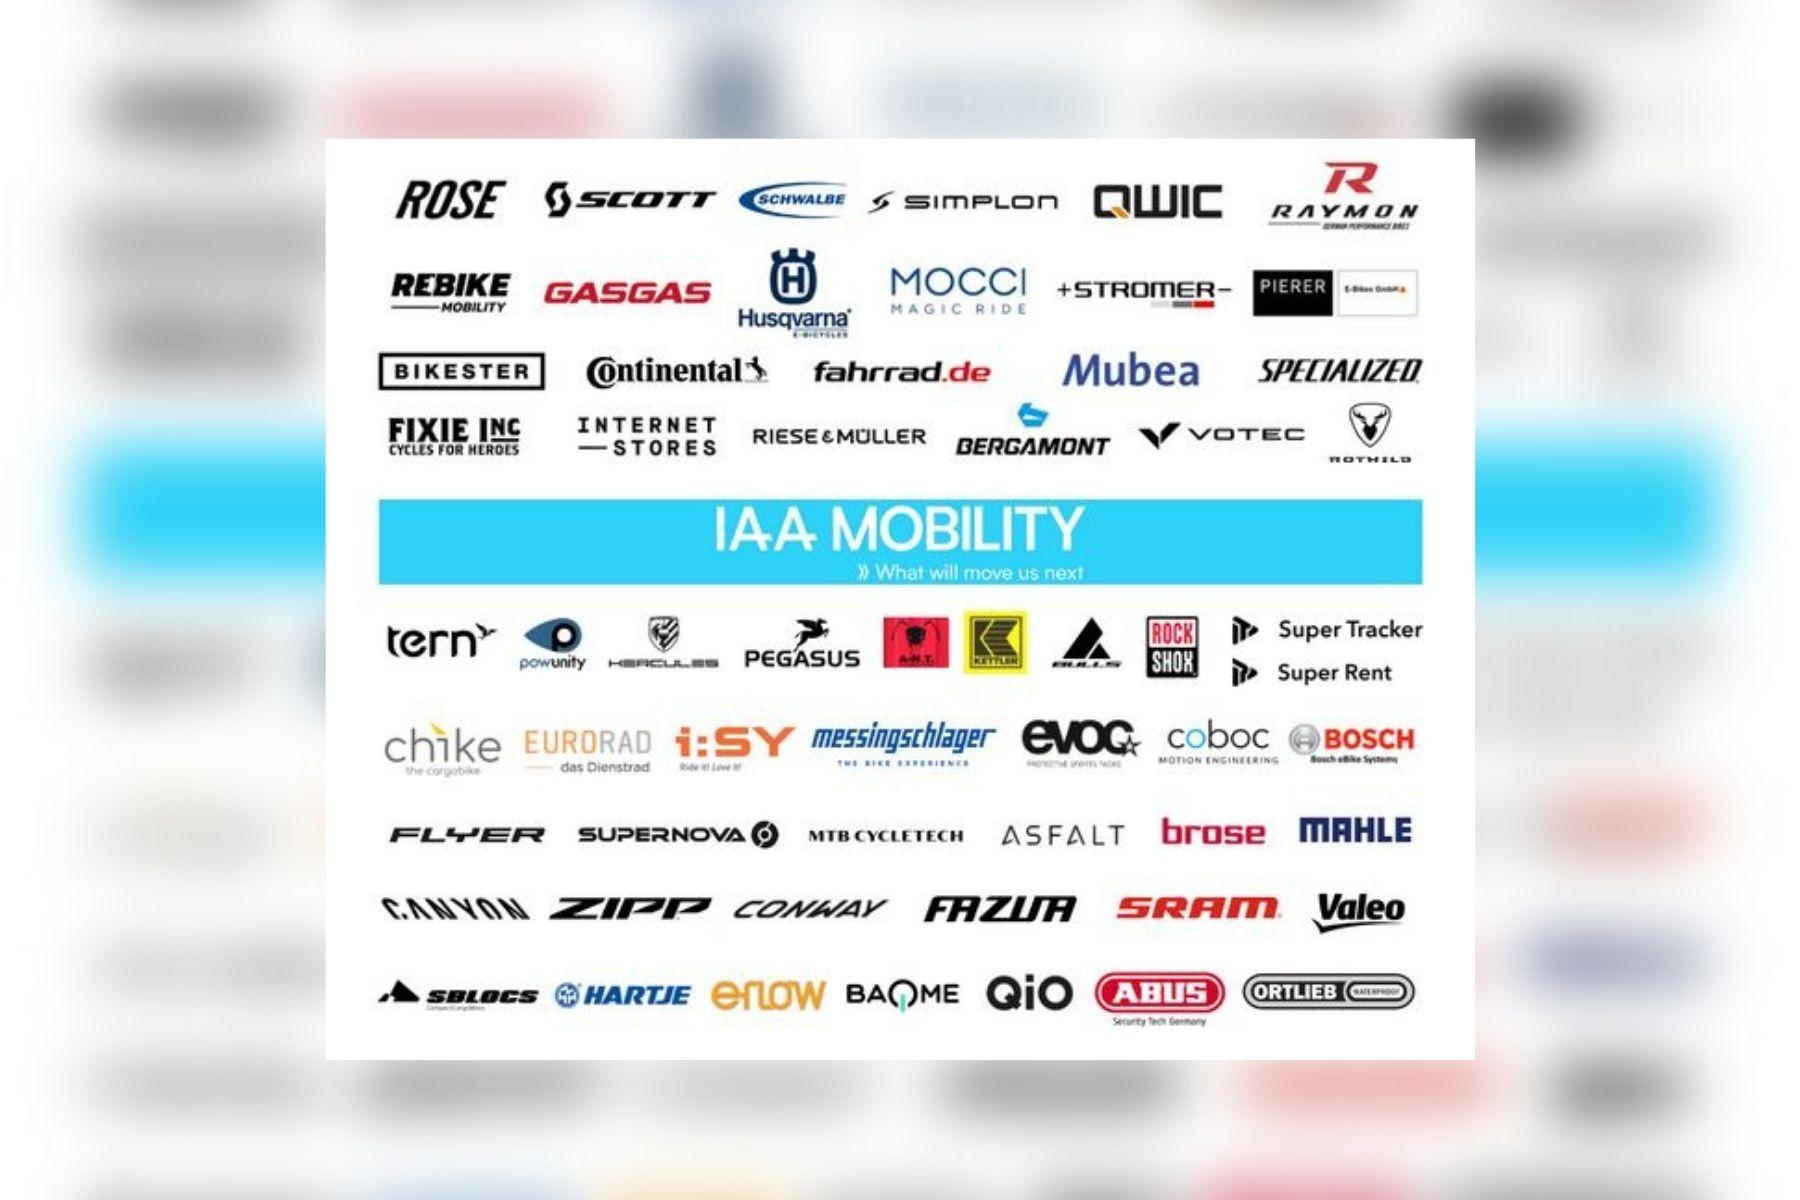 IAA Mobility: Welche Fahrradmarken sind dabei und warum?